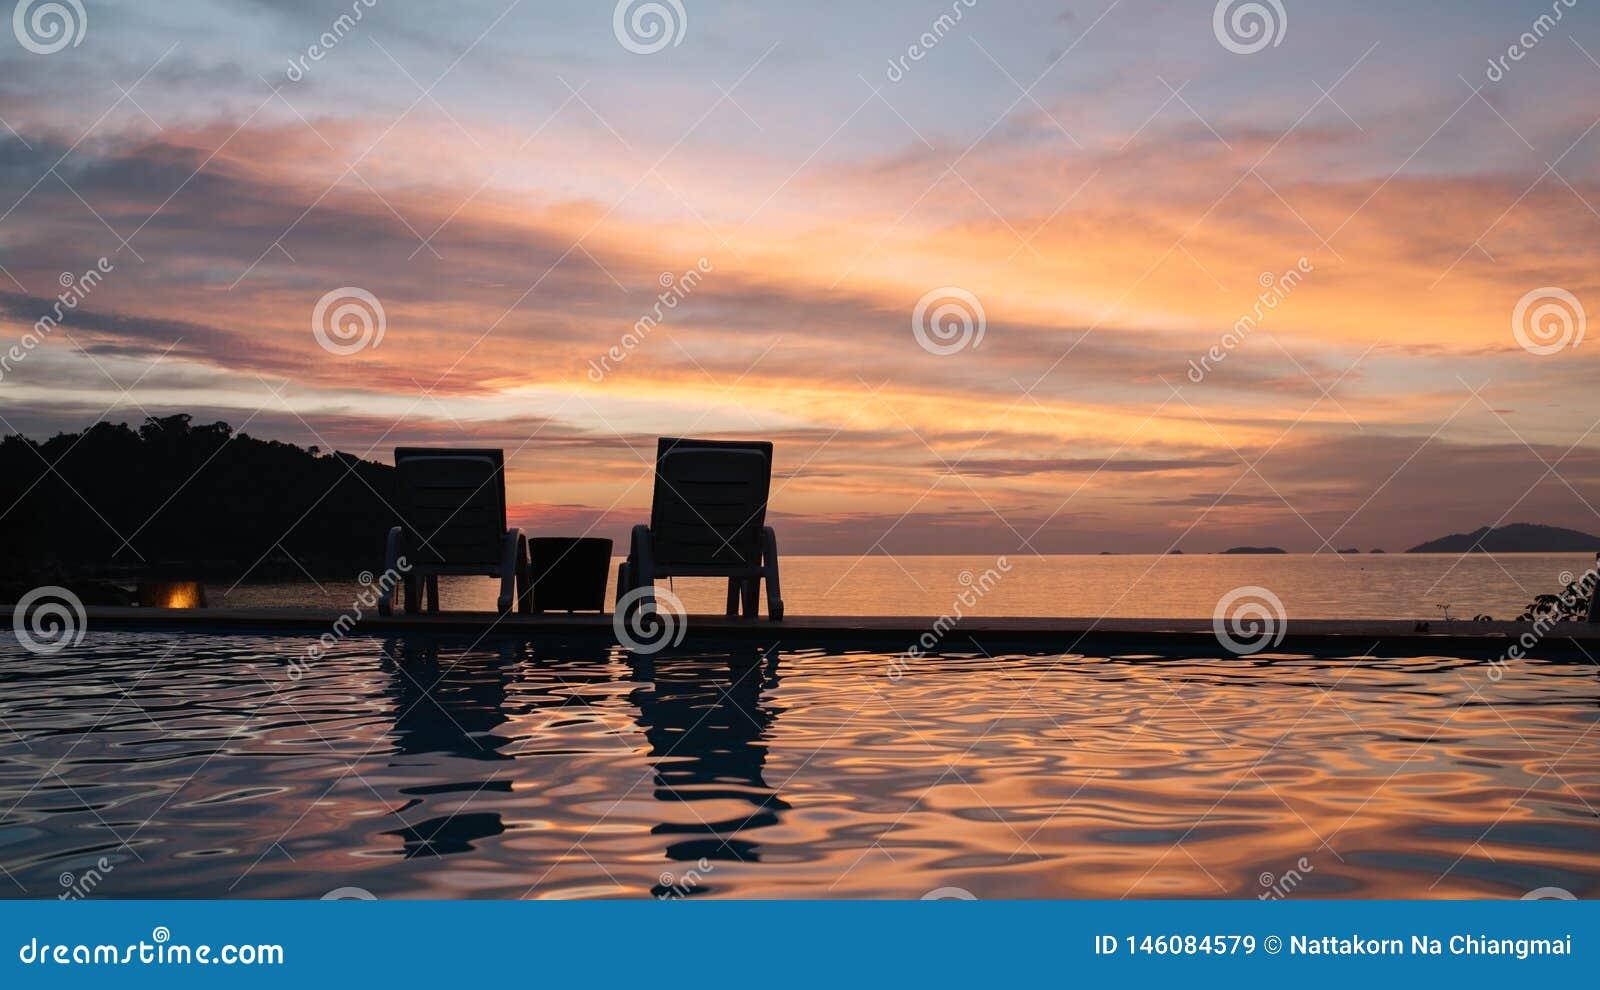 Strandstuhl Uhr der Sonnenuntergang am Abend im Sommer bei Thailand